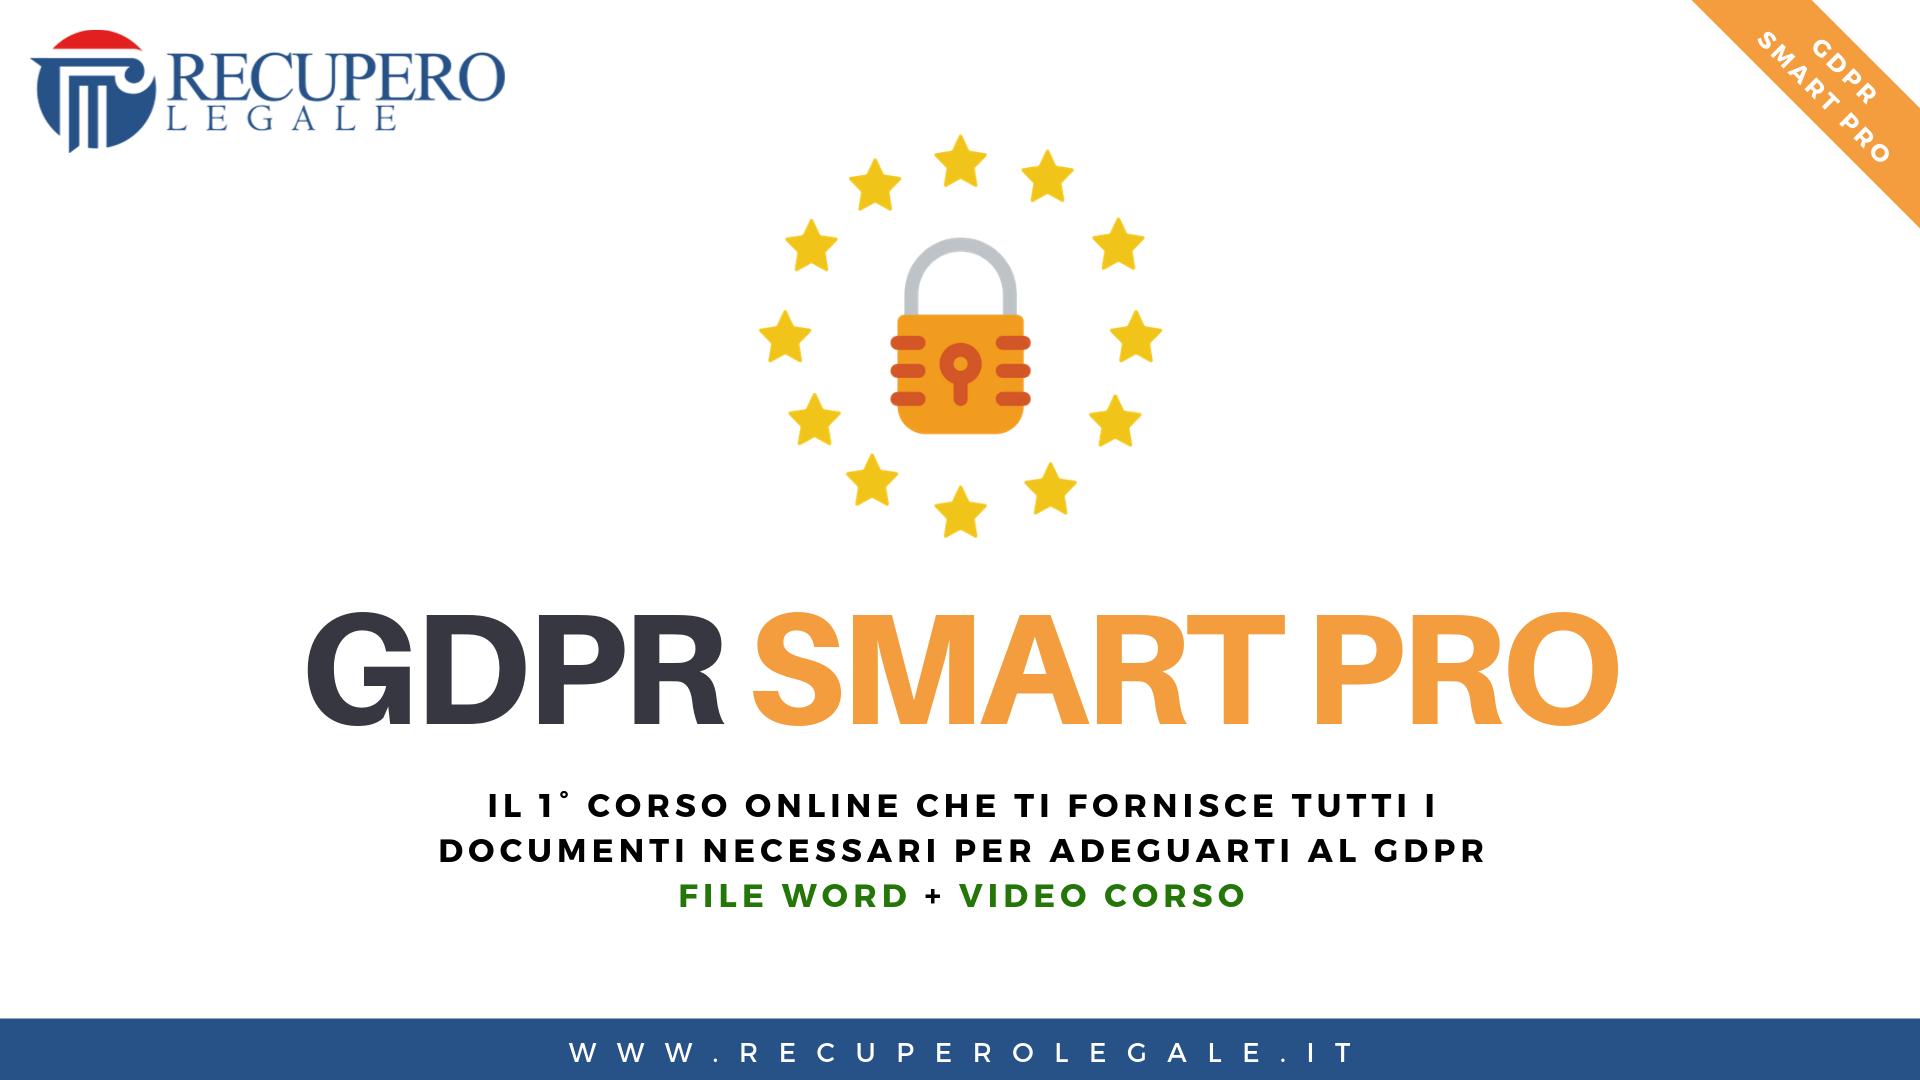 GDPR SMART PRO - Copertina